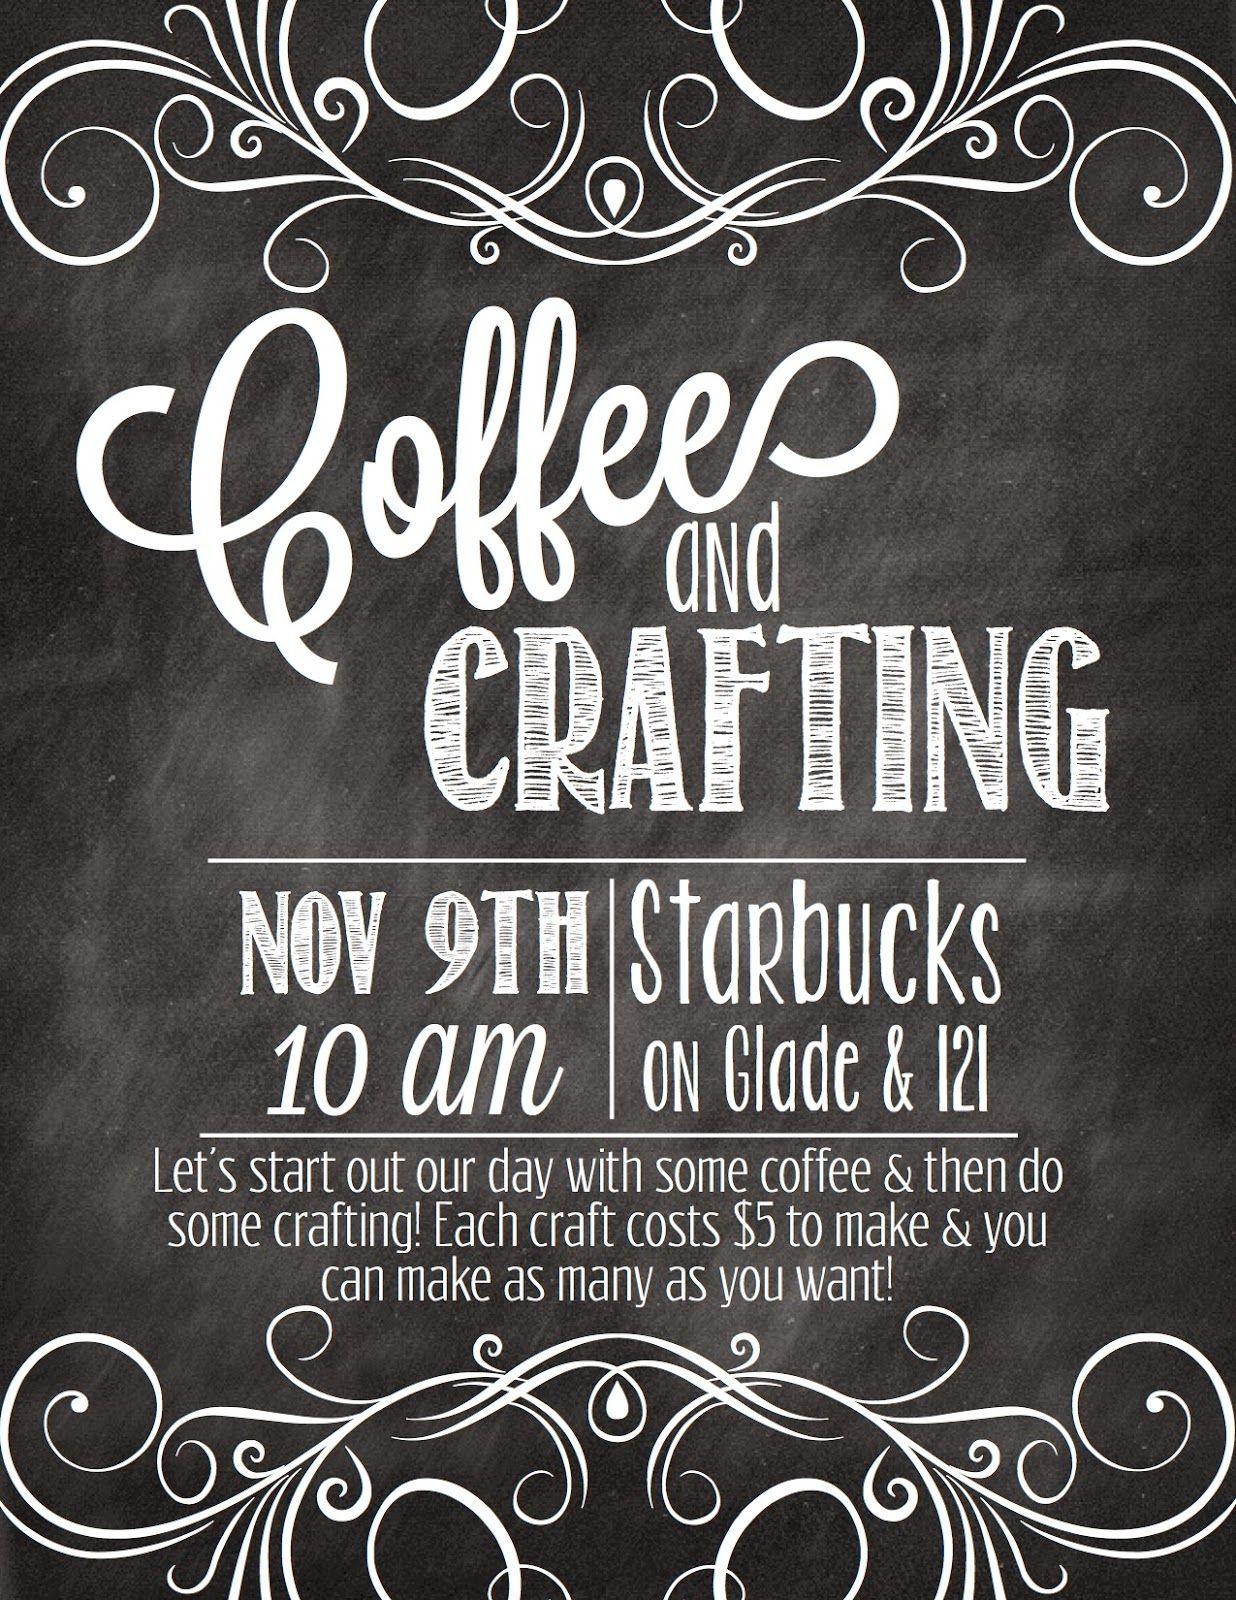 Walking Worthy Coffee & Crafting Church outreach